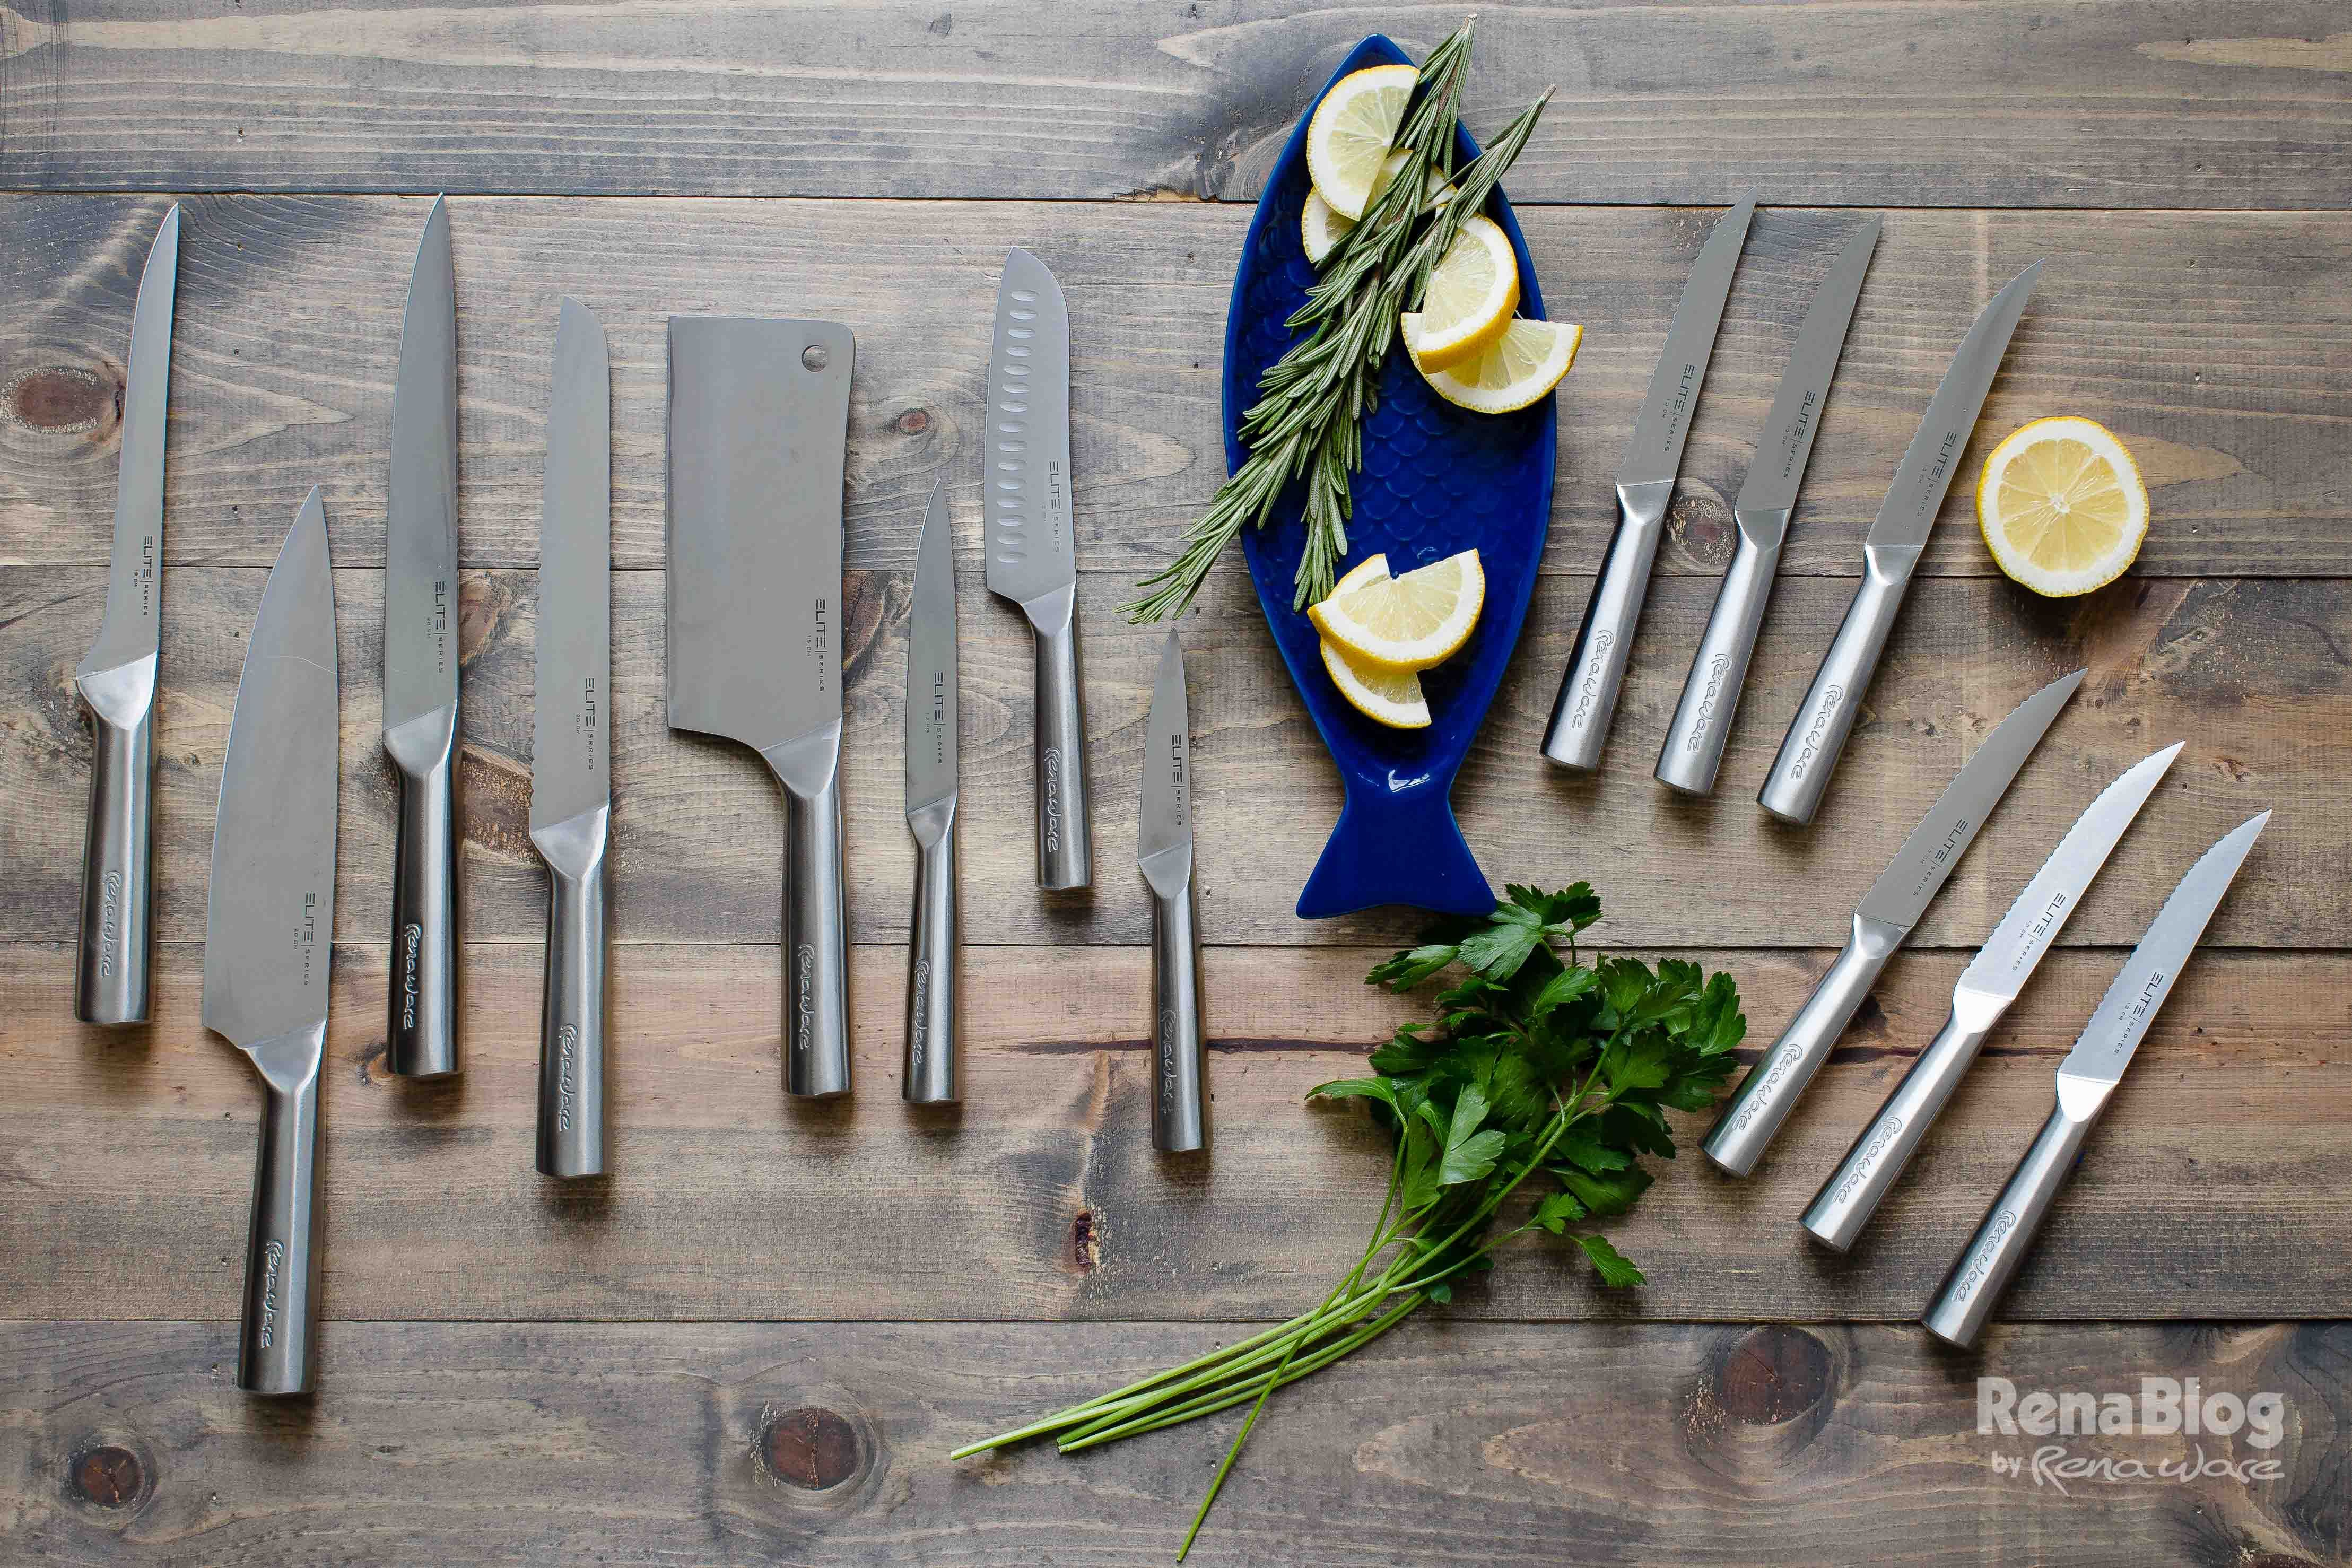 Juego de cuchillos rena ware cuchillos cubiertos y for Precios de utensilios de cocina rena ware